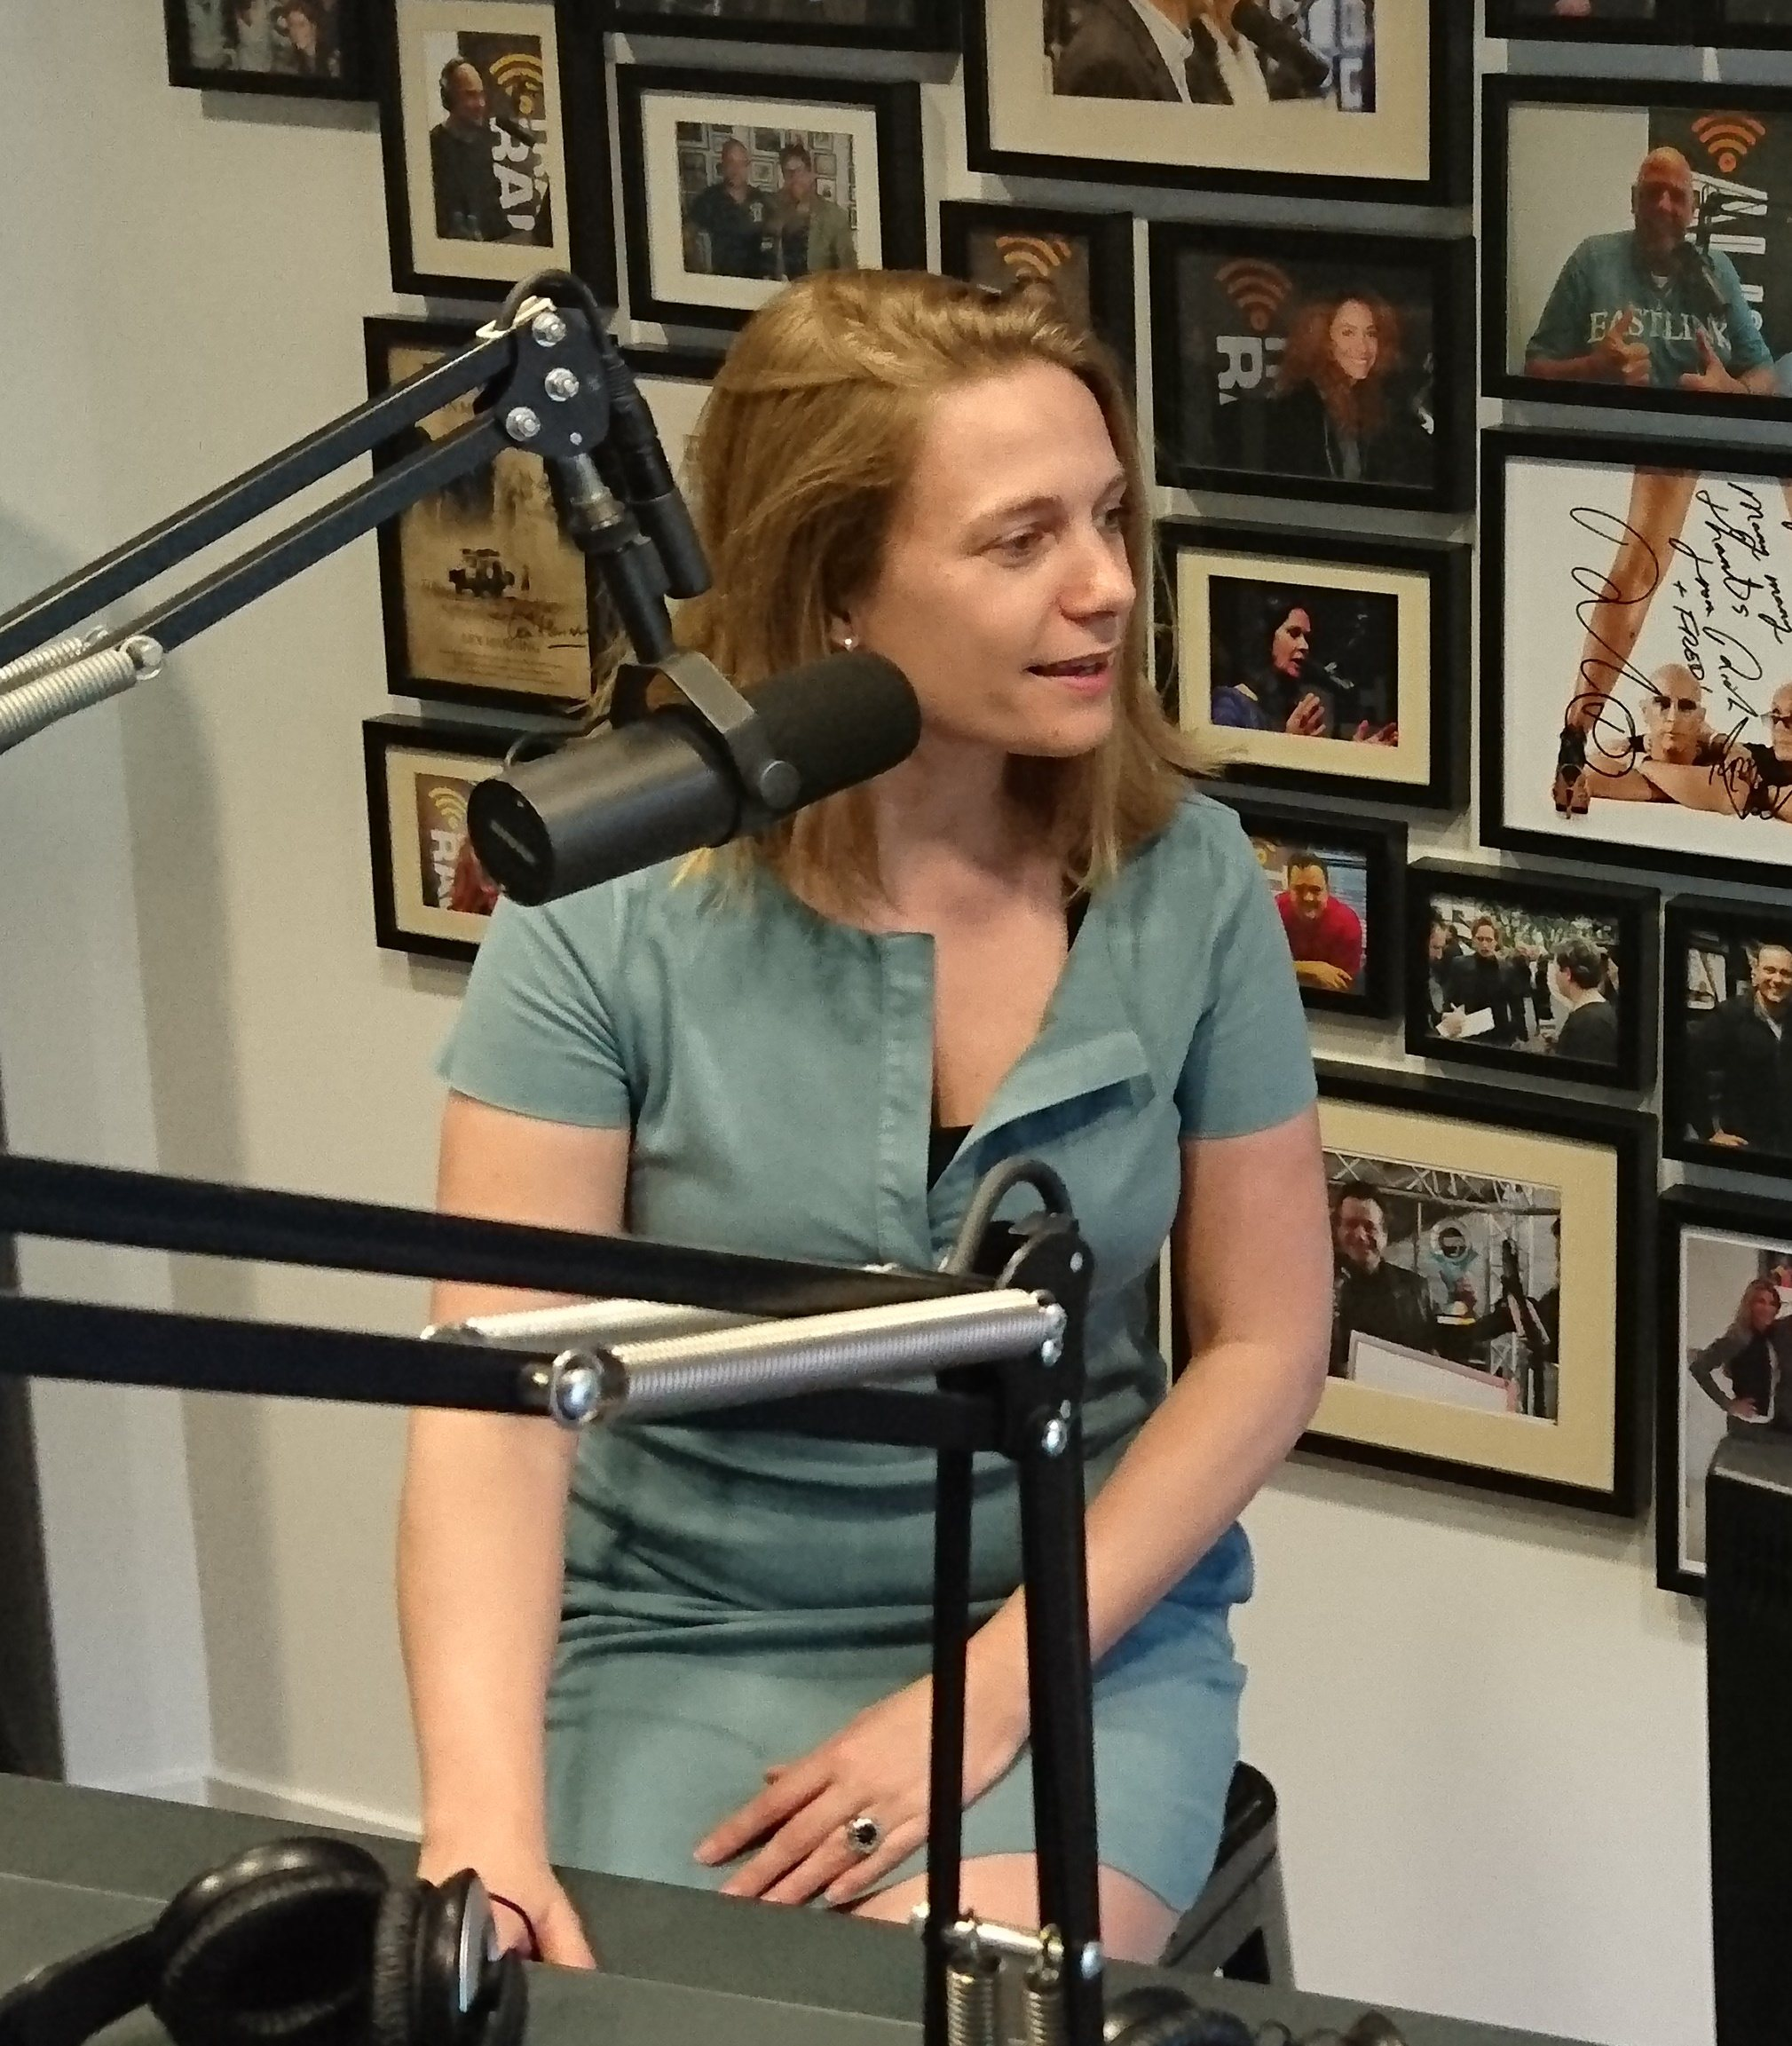 Tamara Madern, Vallen'de konuk olarak Yeni Business Radio'da Jacqueline Zuidweg ile çalışmaya devam ediyor. Konu: Borç ve önleme